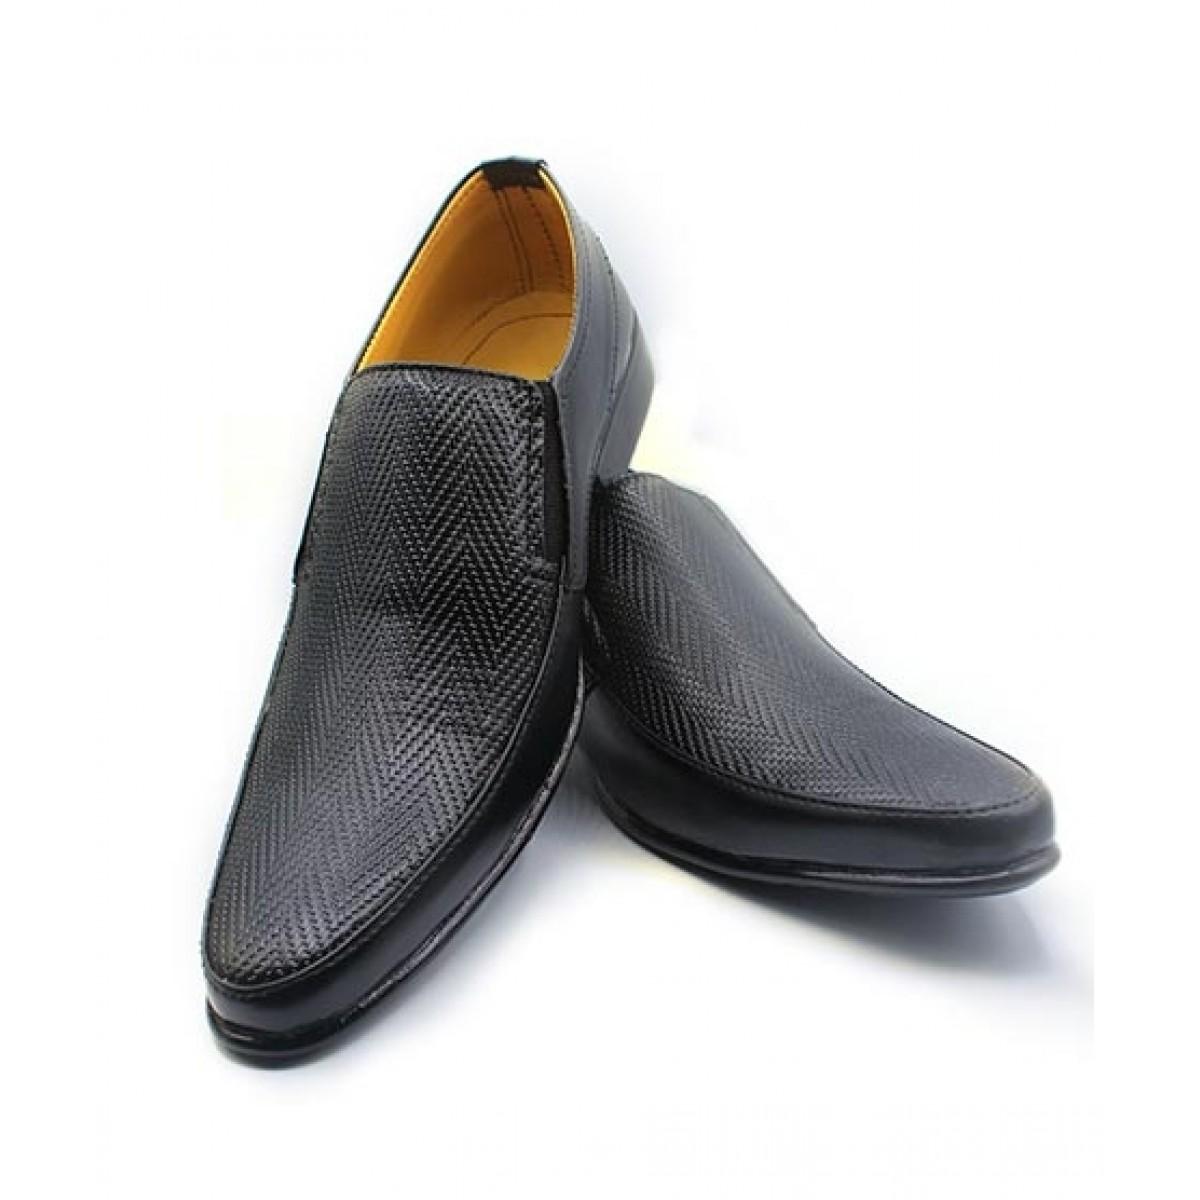 MOZAX Formal Shoes For Men Black (BLK-0005)